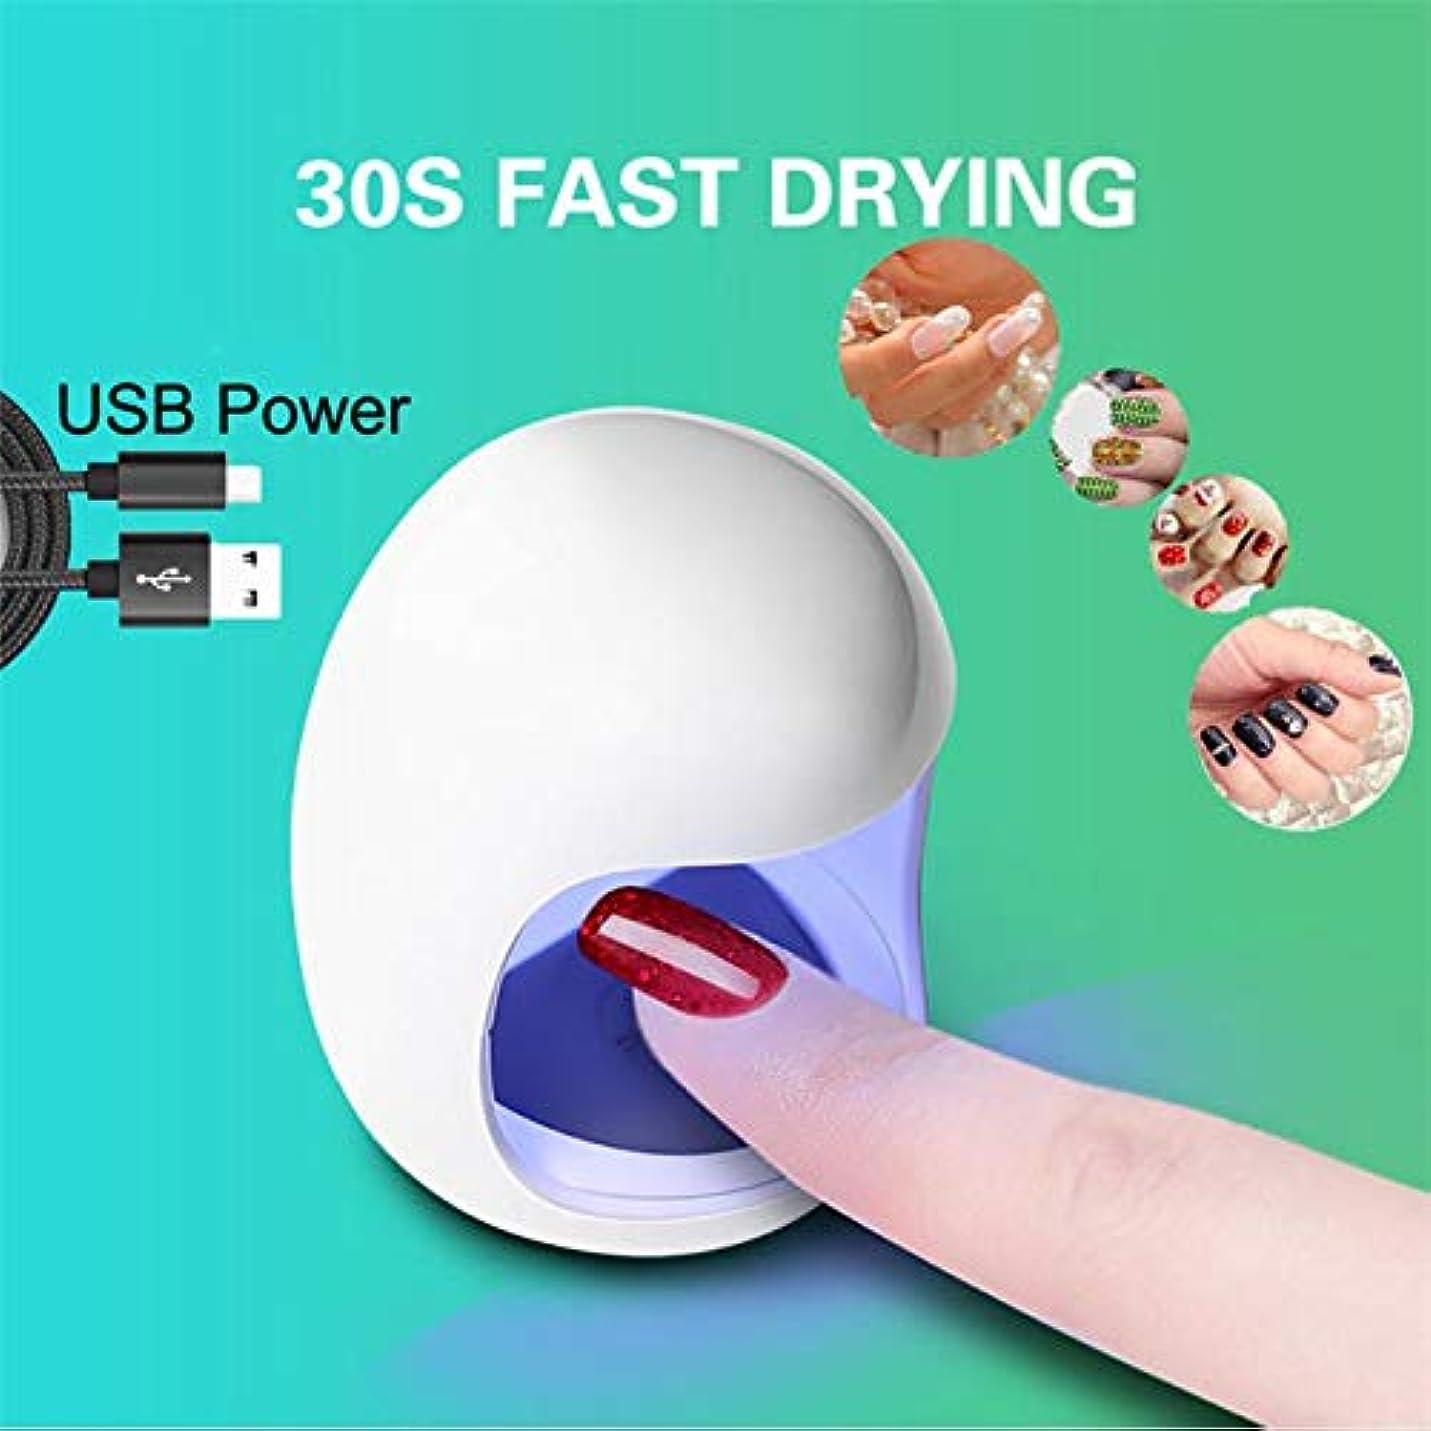 共同選択ブラジャーインフルエンザ58 × 45 × 45 ミリメートル 3 ワットホワイトミニ Usb UV ネイルジェル硬化ランプライトネイルジェルポリッシュ乾燥機ネイルアート機 PC & ABS Led UV ランプ lampa